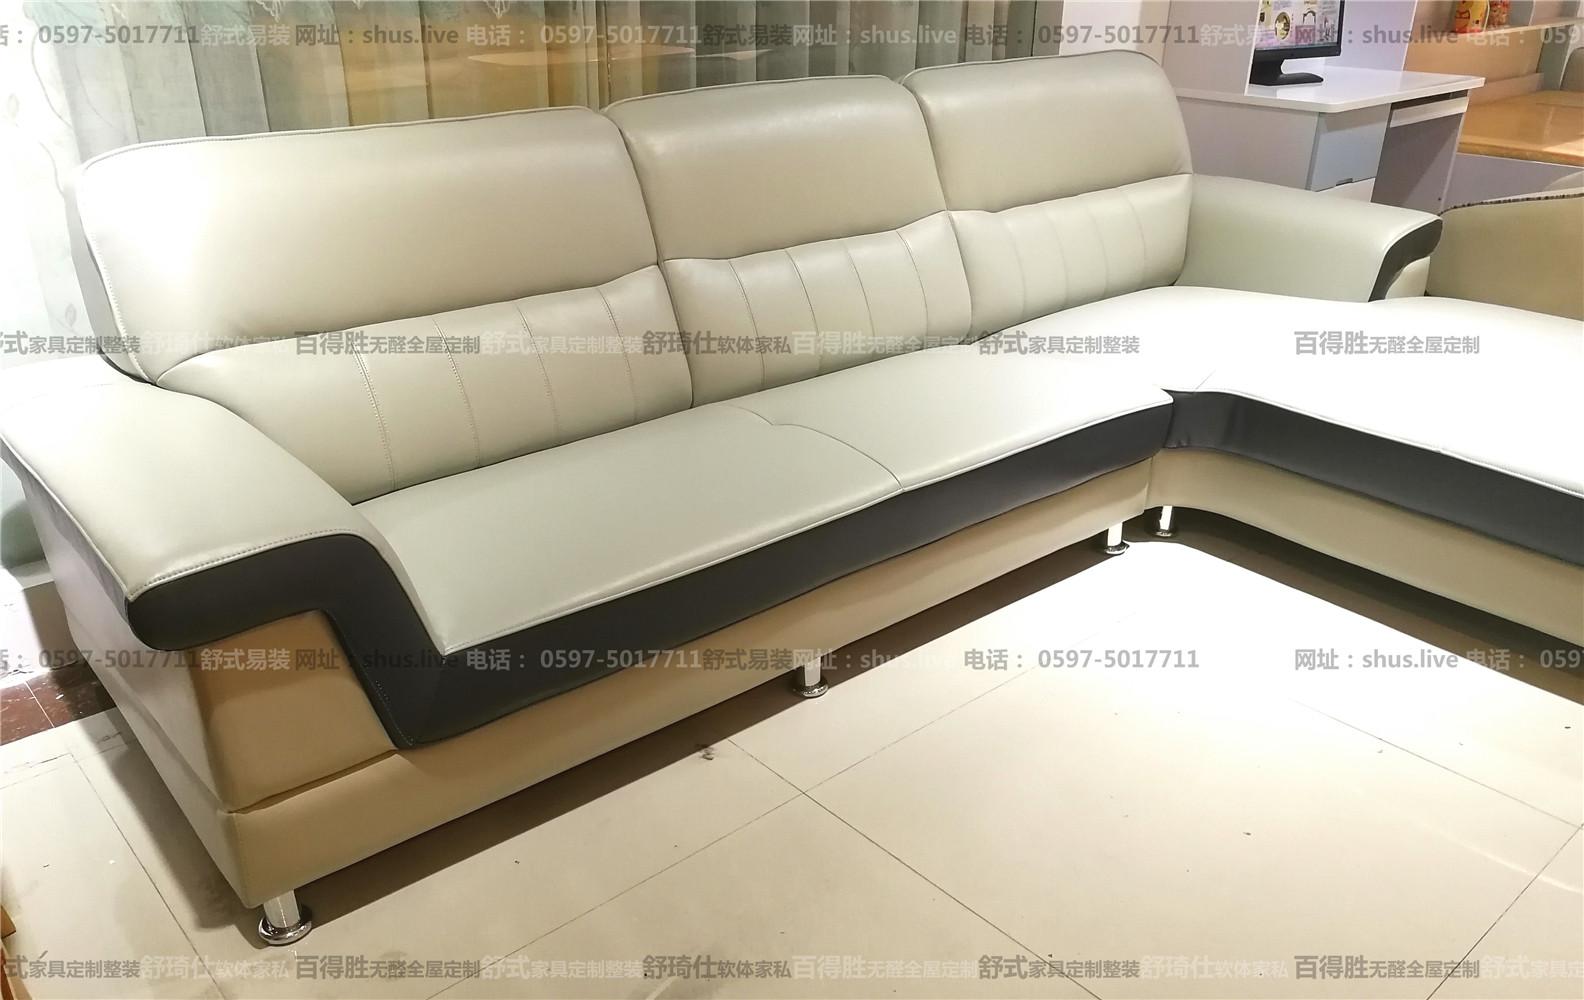 现代时尚-皮革沙发-舒呆子-尺度AI